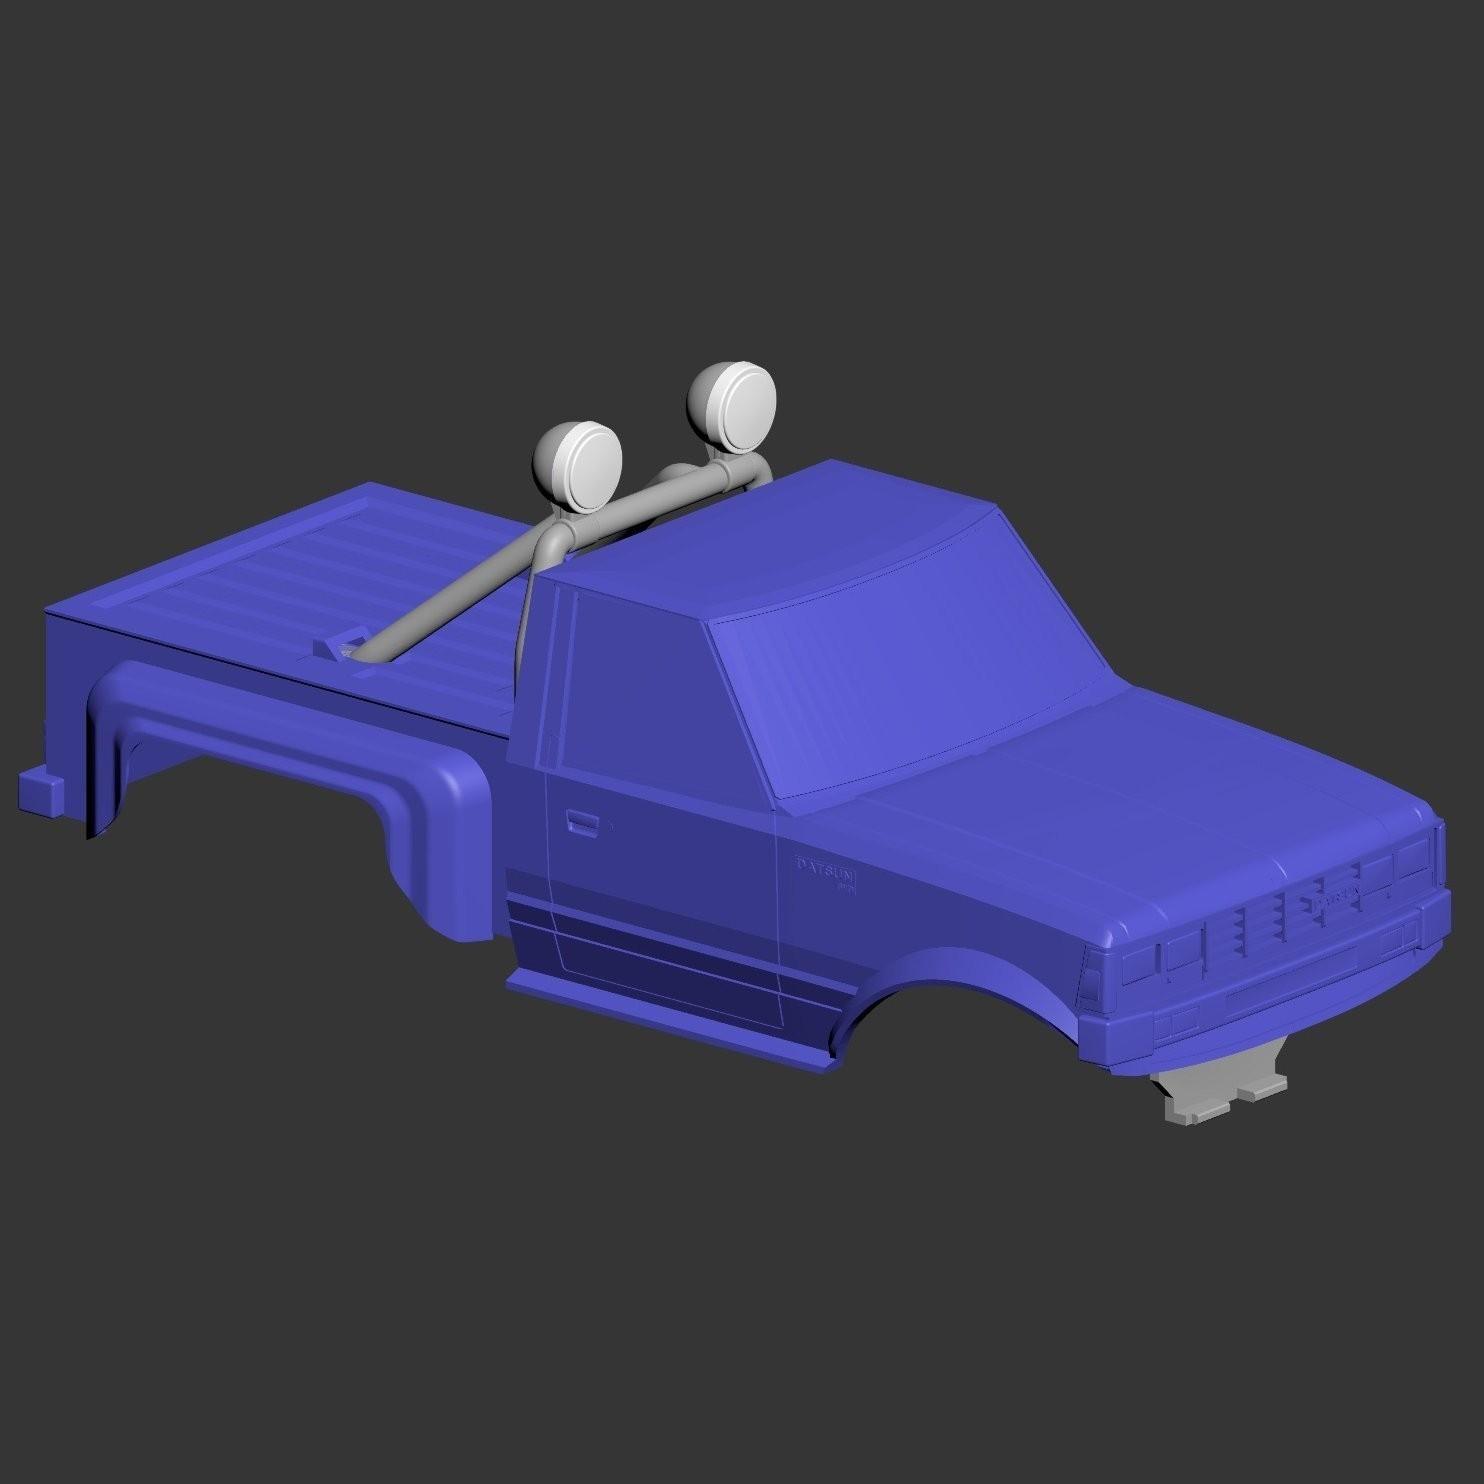 bigbear01.jpg Télécharger fichier STL gratuit Corps de ramassage à échelle RC. • Modèle à imprimer en 3D, tahustvedt